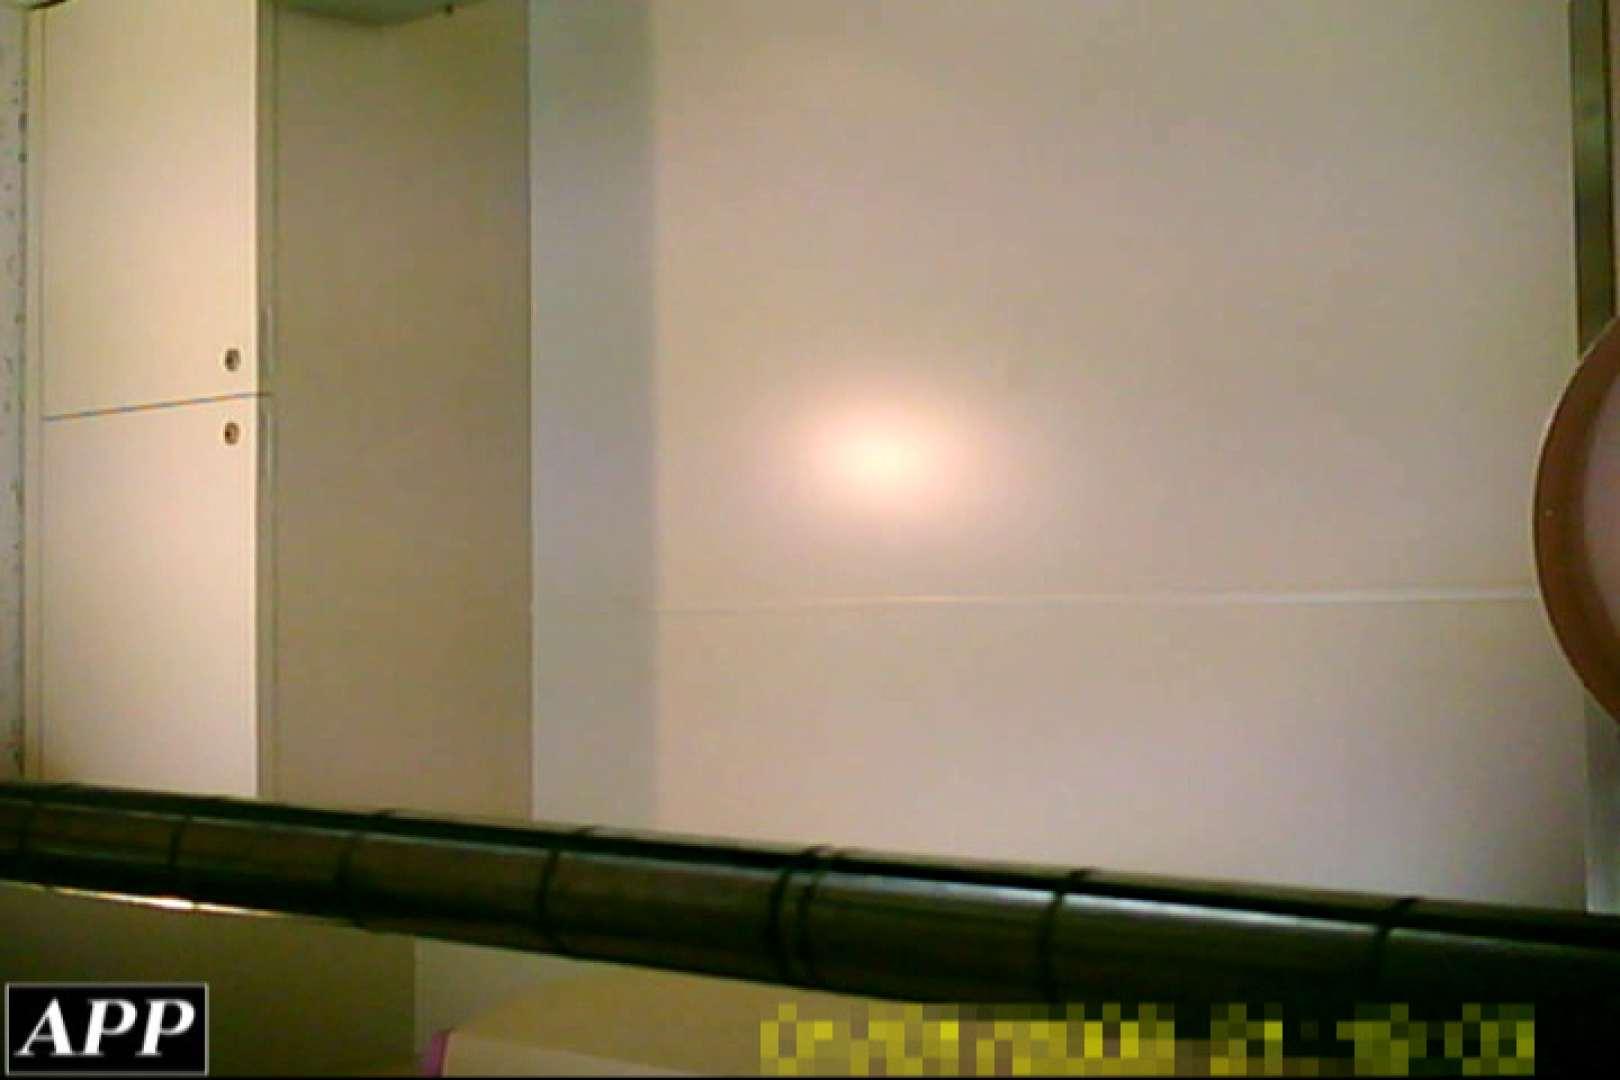 3視点洗面所 vol.108 美しいOLの裸体   マンコ・ムレムレ  80pic 73